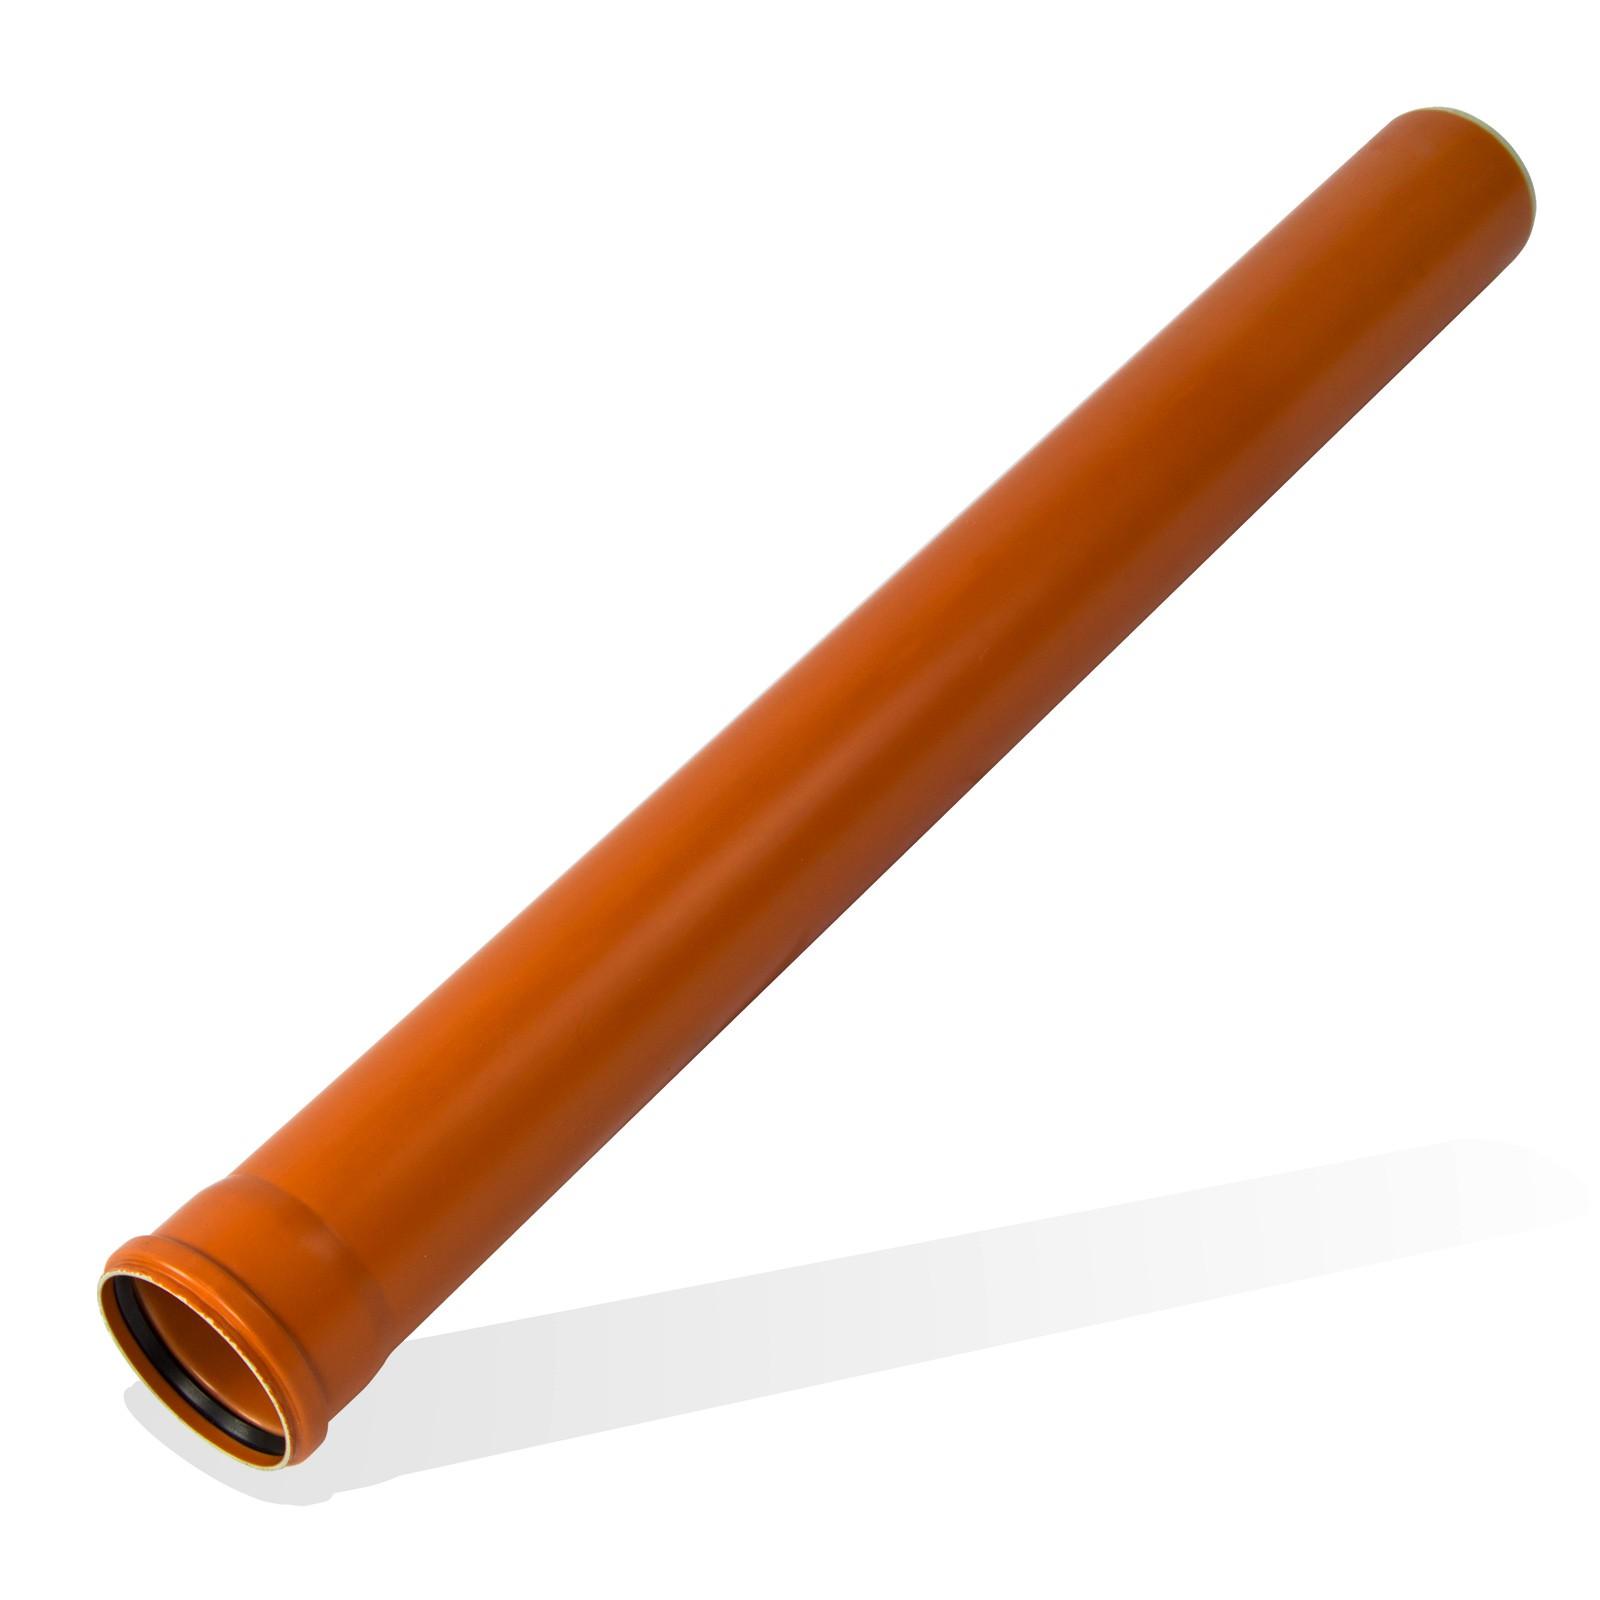 ostendorf kg rohr dn250 2000mm 2m kgem abwasserrohr kanalrohr schachtrohr. Black Bedroom Furniture Sets. Home Design Ideas